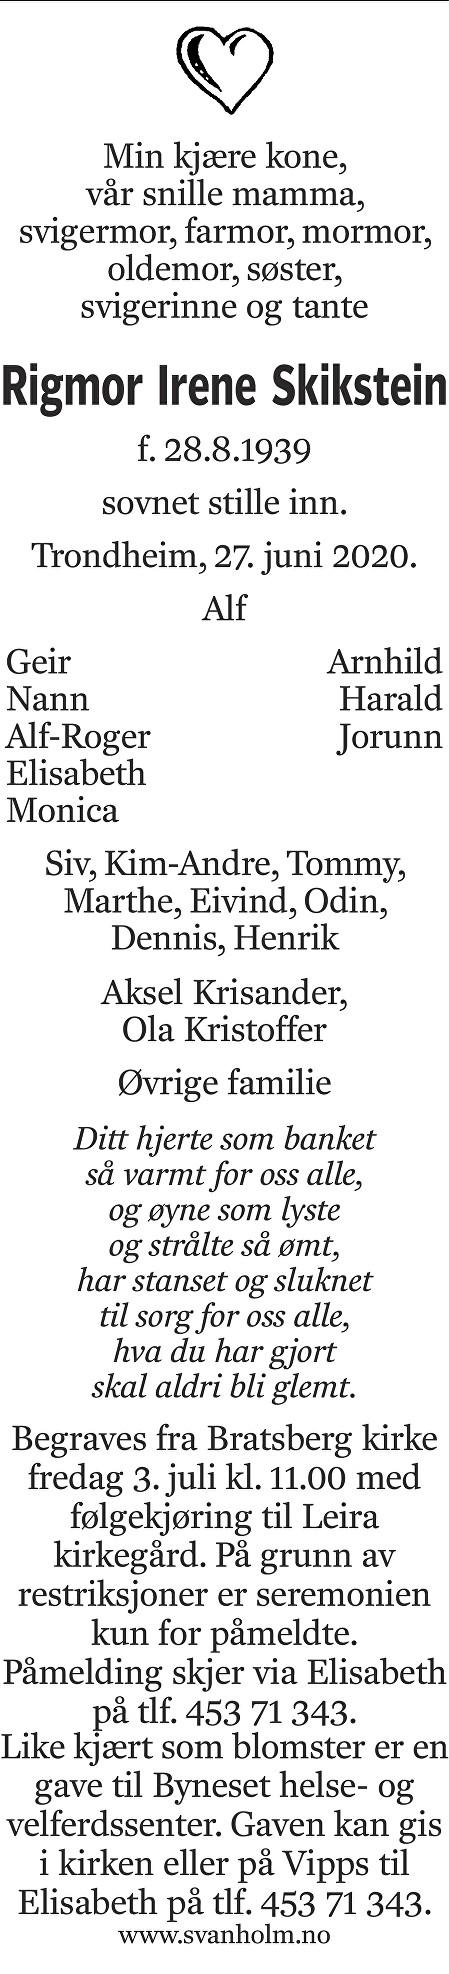 Rigmor Irene Skikstein Dødsannonse